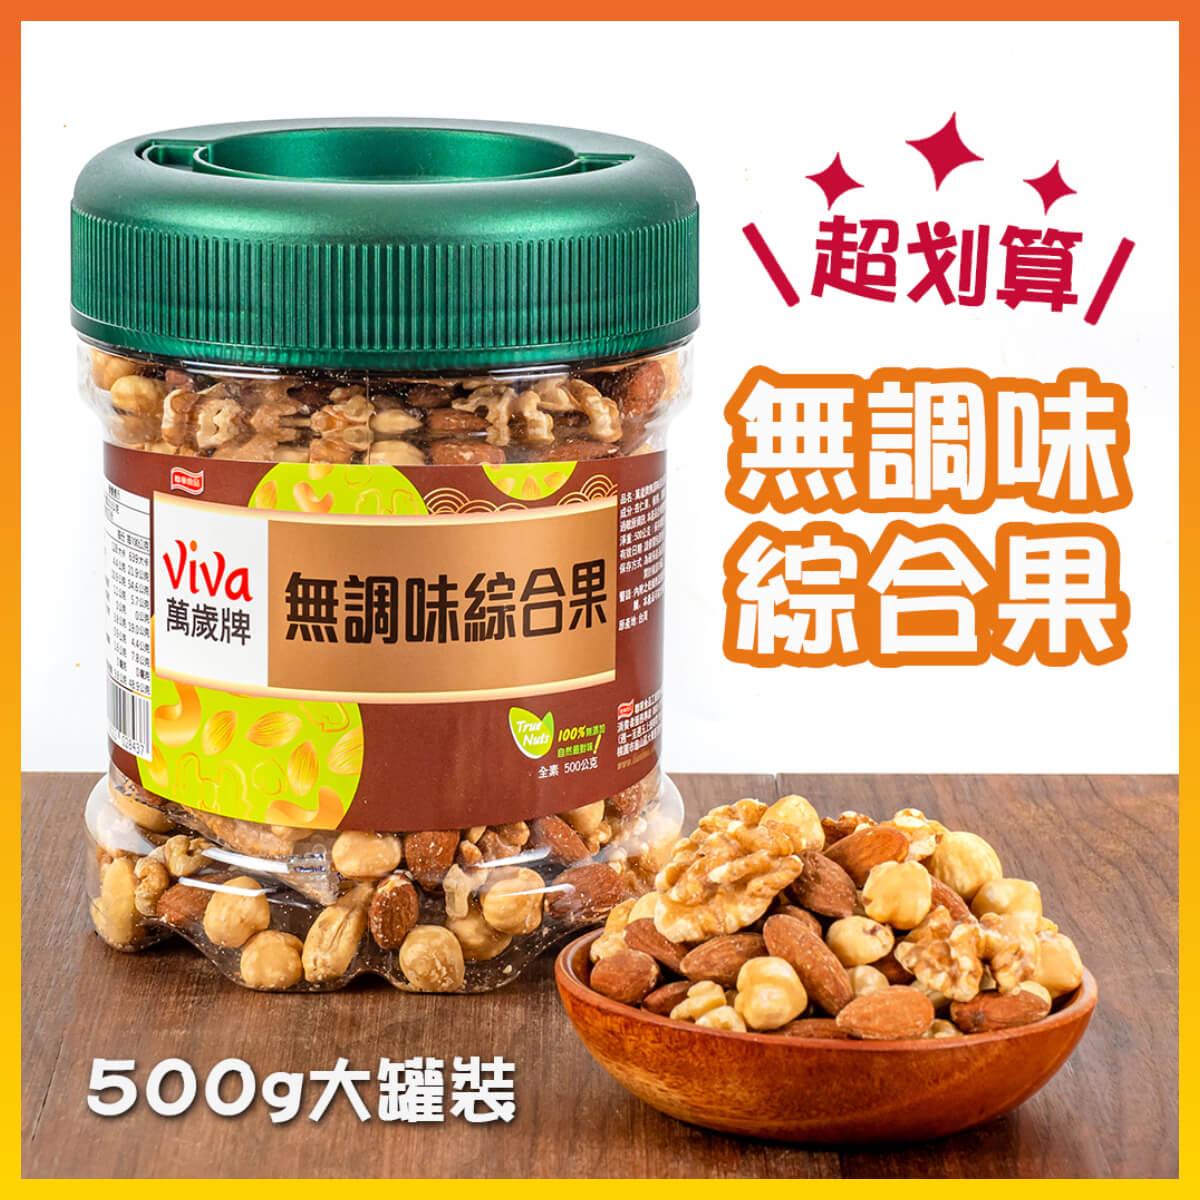 【萬歲牌】無調味綜合果(500g大罐裝)